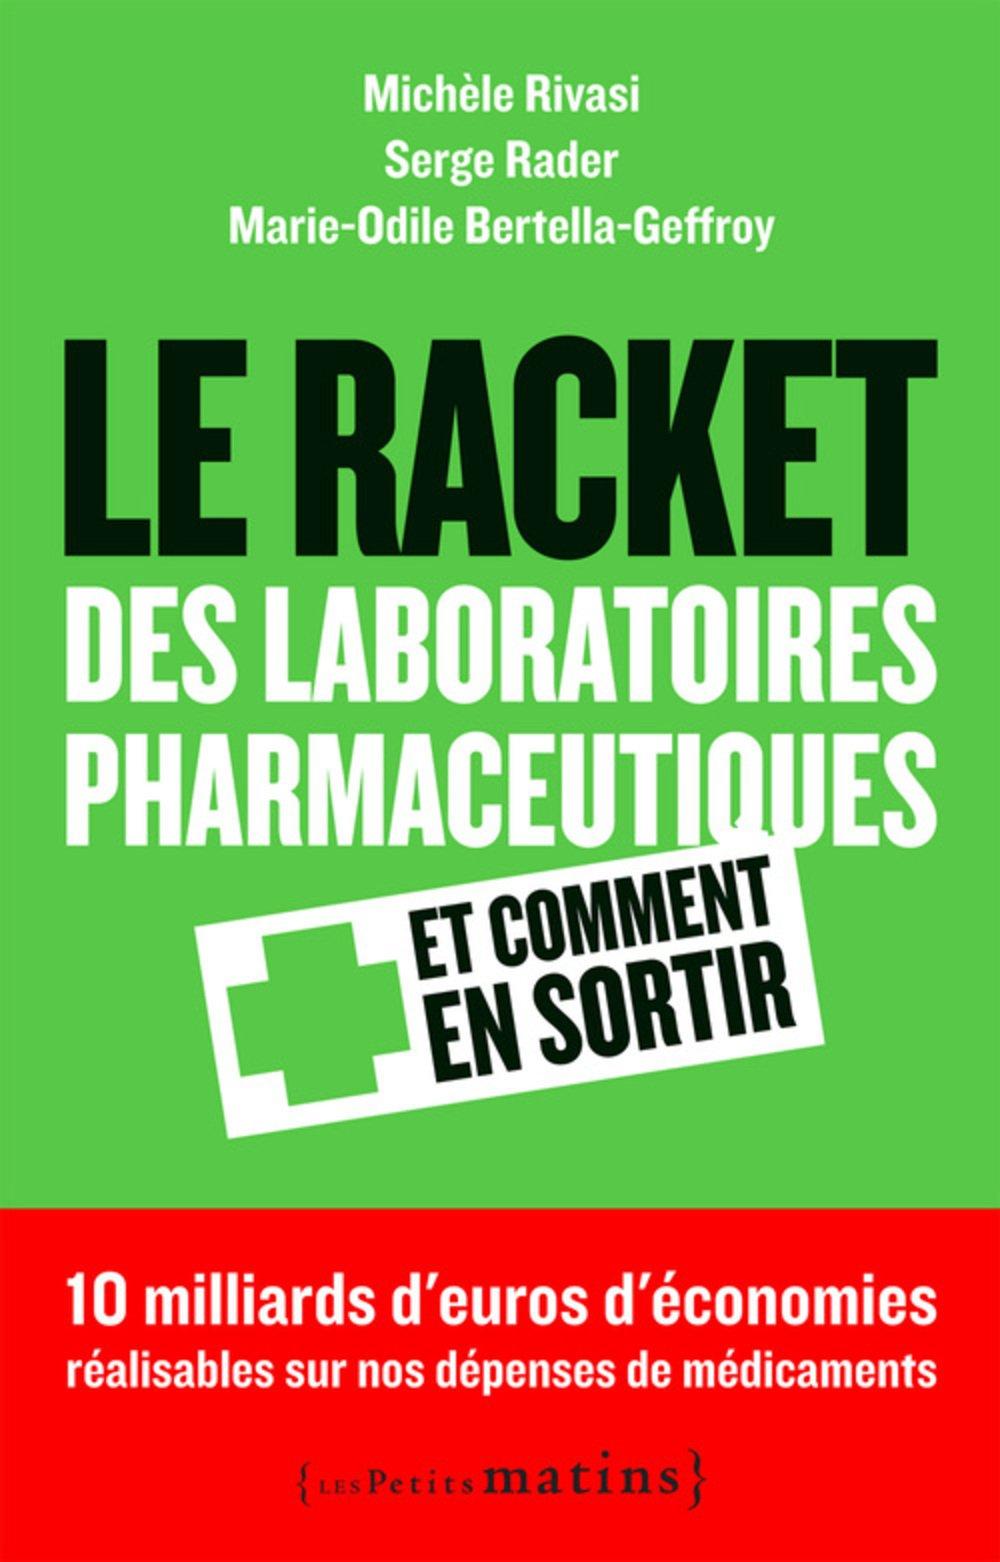 Livre Le racket des laboratoires pharmaceutiques et comment en sortir